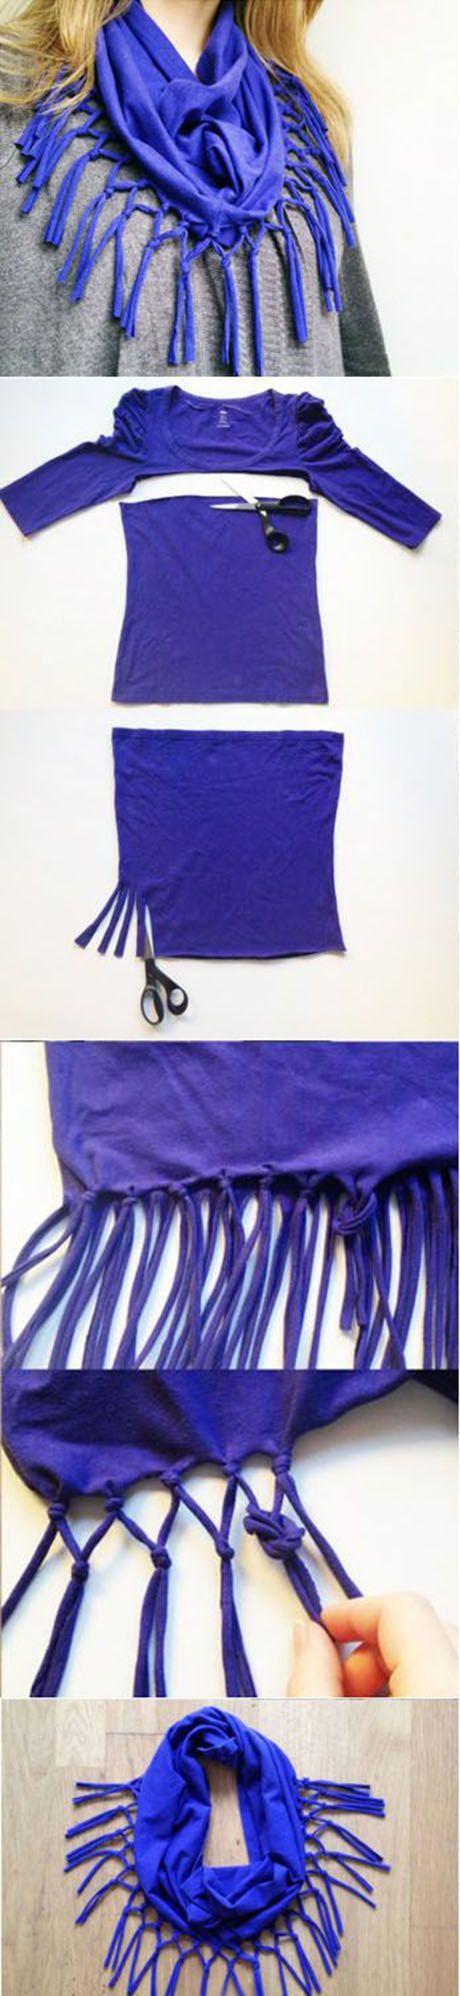 Cuello con flecos a partir de camiseta